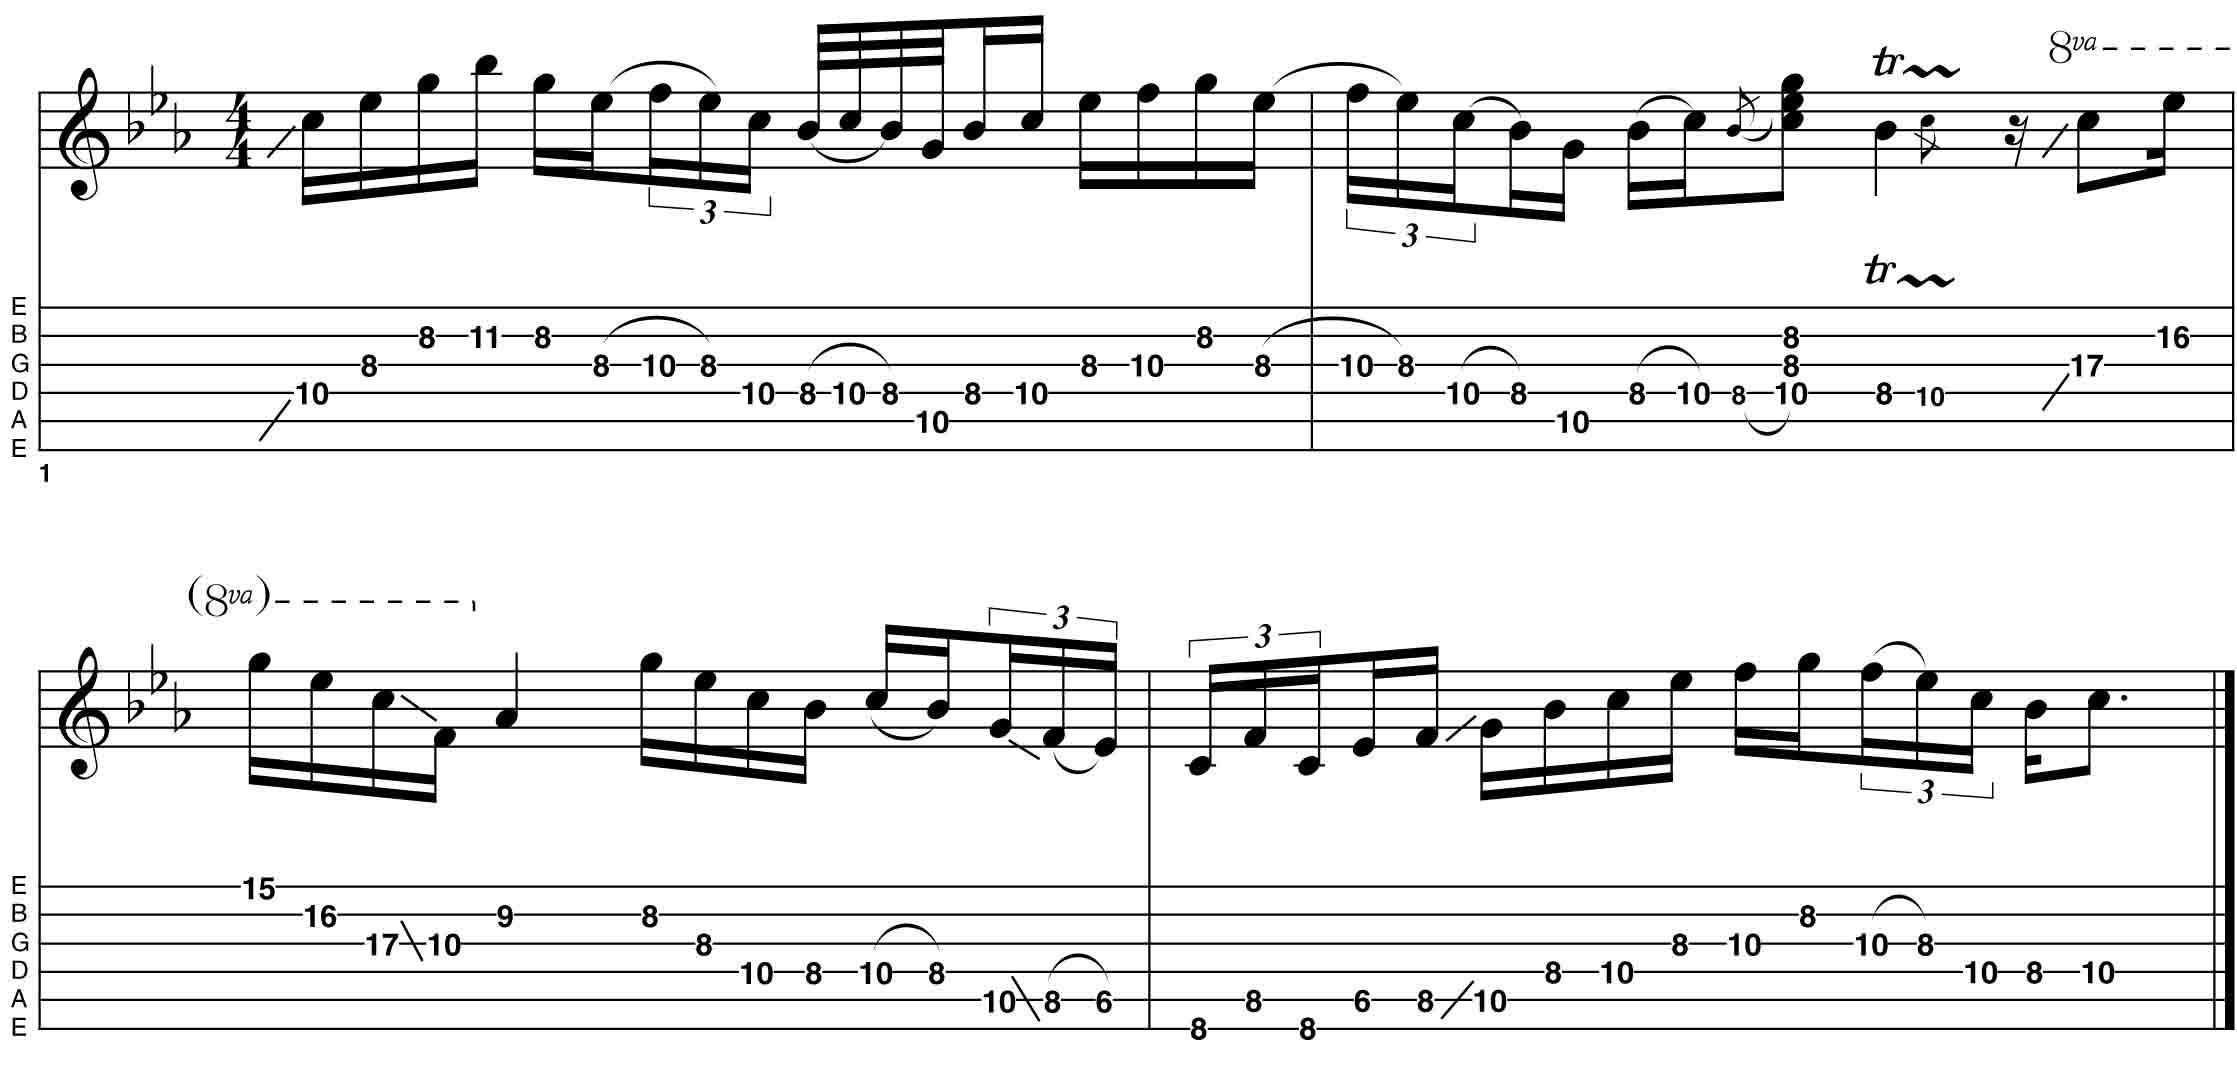 http://cdn.mos.musicradar.com/images/aaaroot/guitars/11nov16/bonamassa-tab/ex-6.jpg